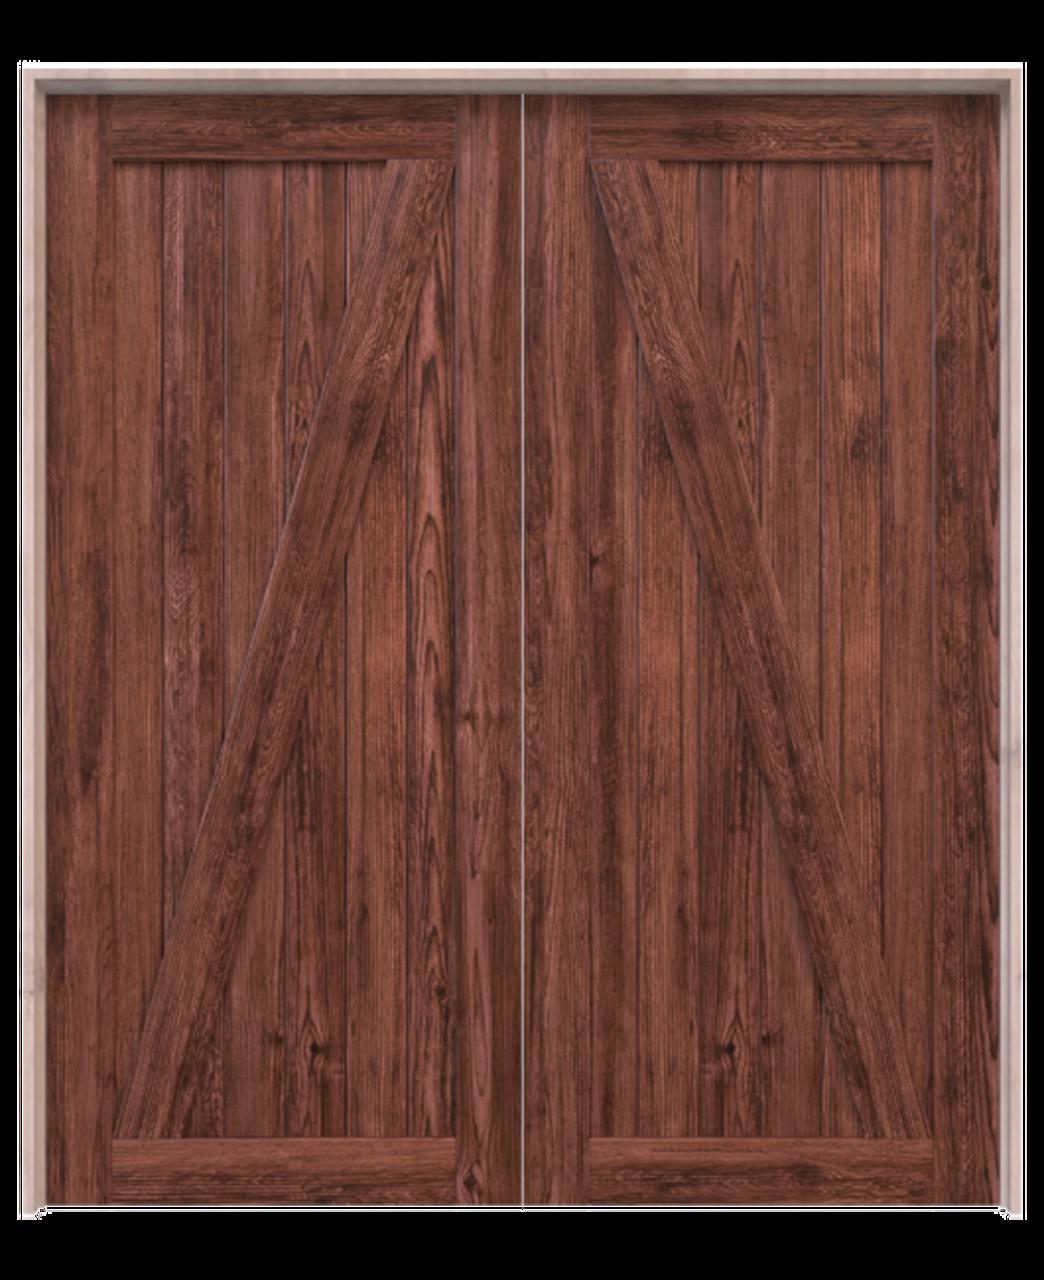 juneau wood dark stain classic z double barn door